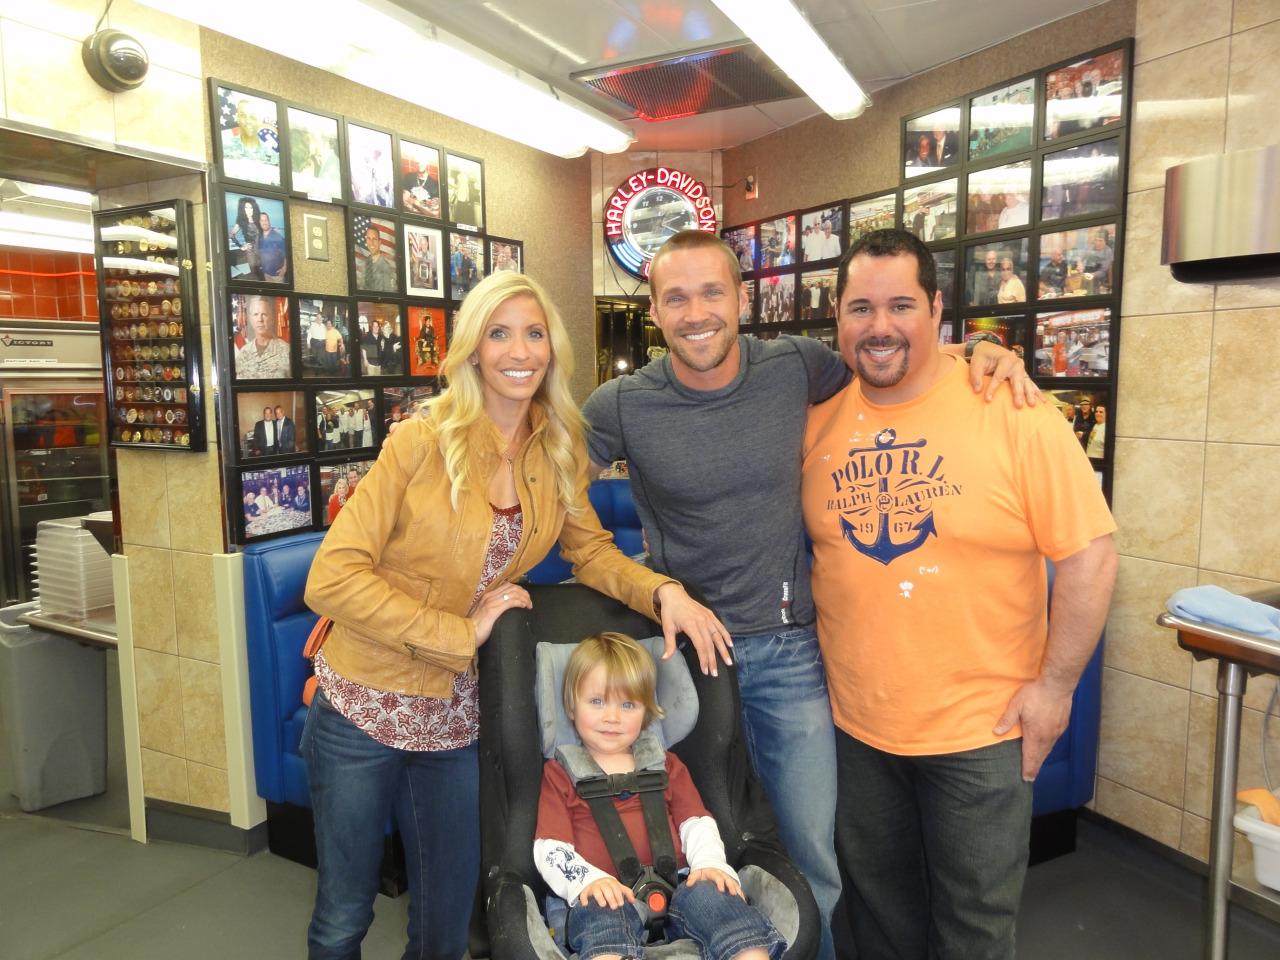 Chris and Heidi Powell and Geno